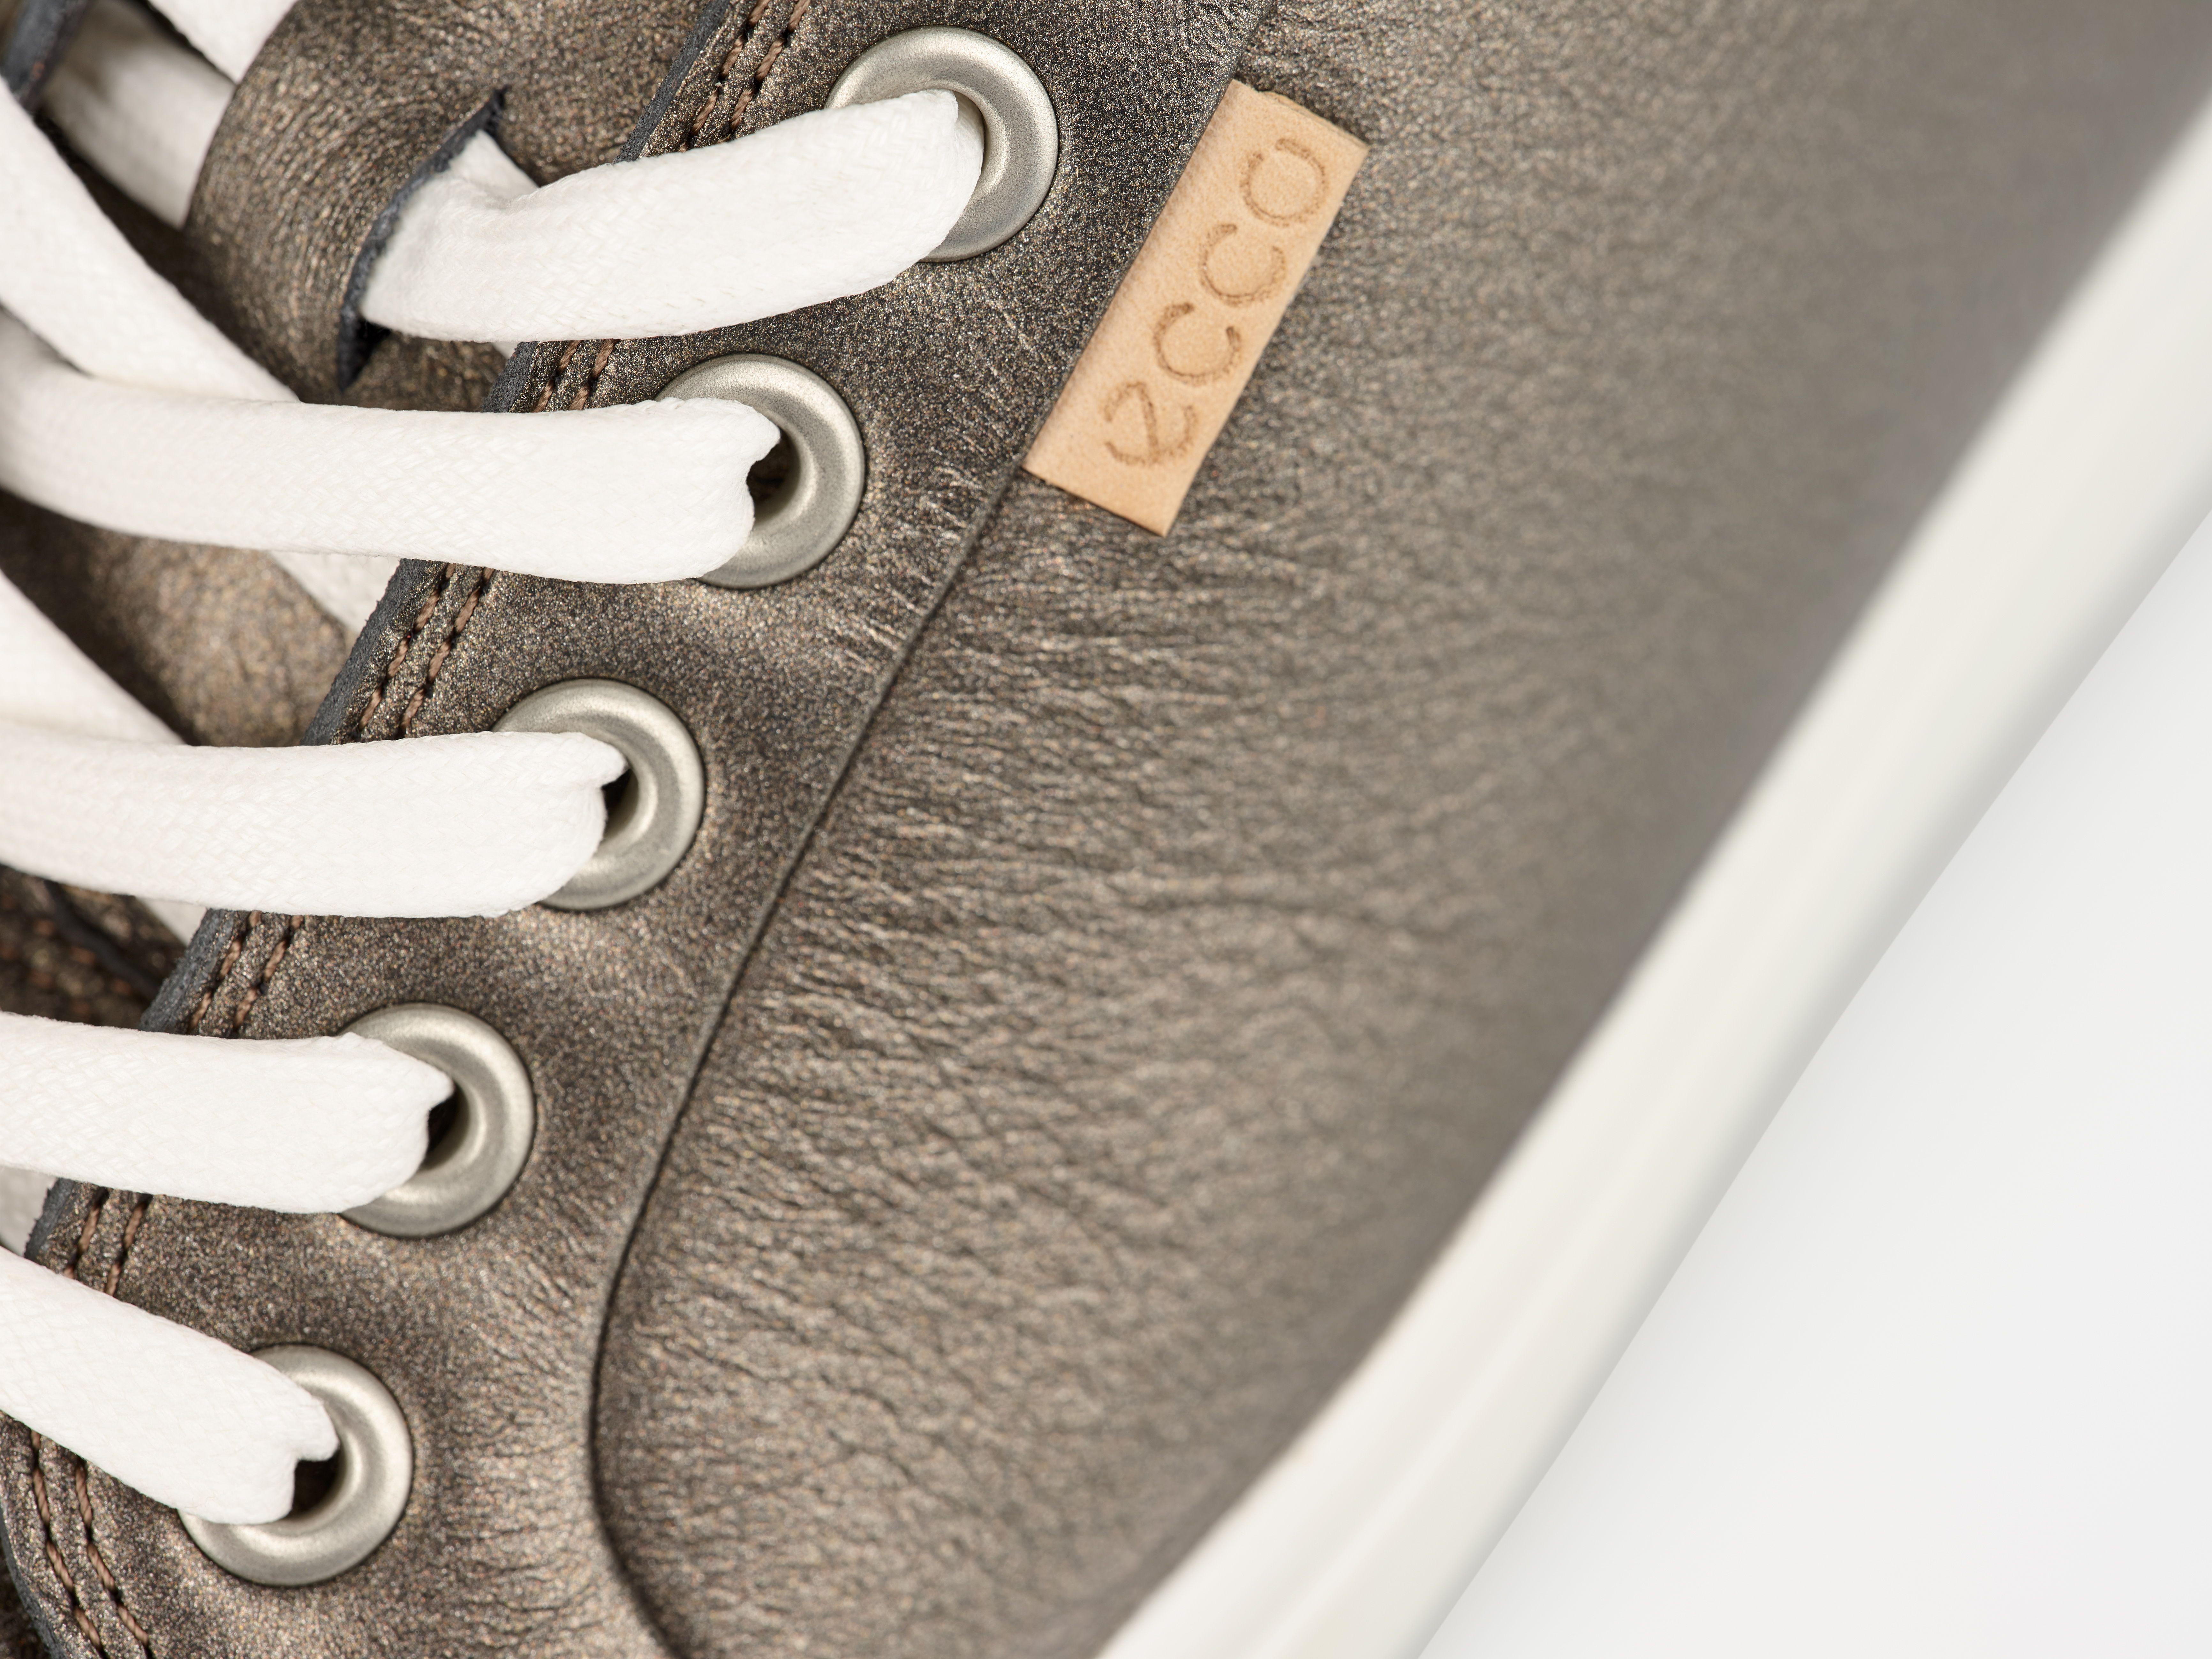 W Sneakers in Black Stone Metallic Ovid